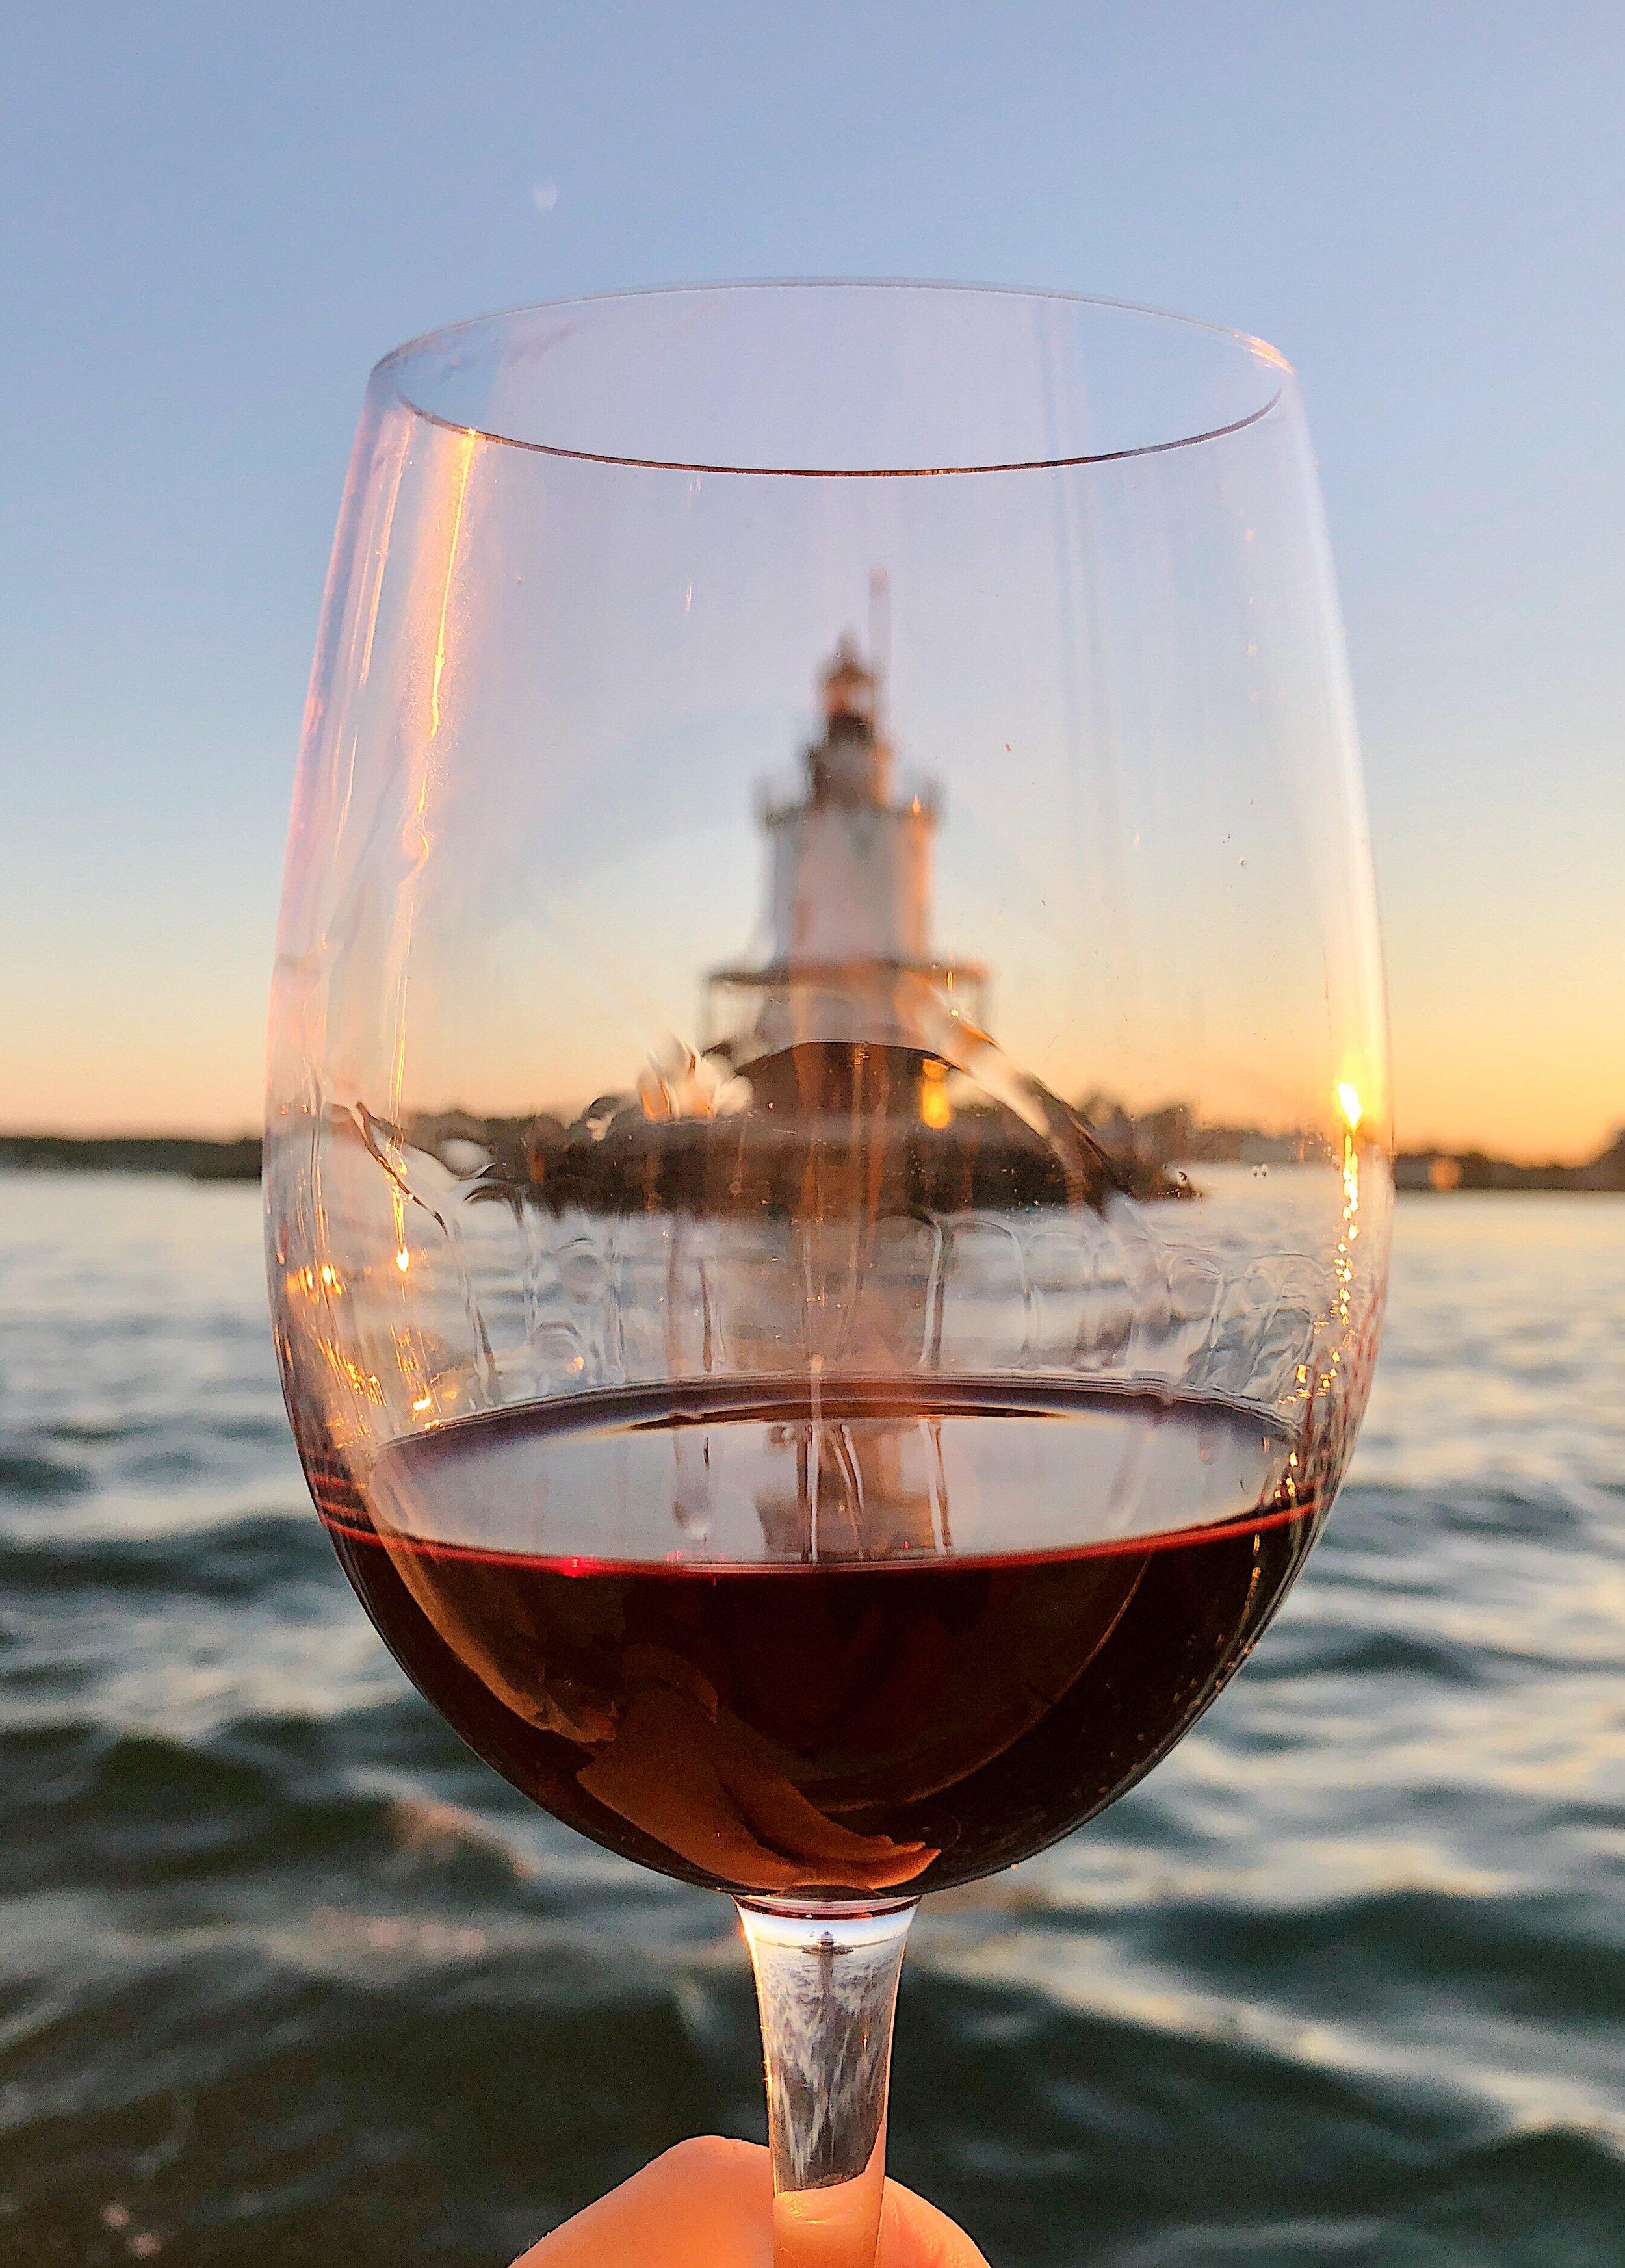 wine_sail_winewise_portlandmaine_lighthouse.jpg